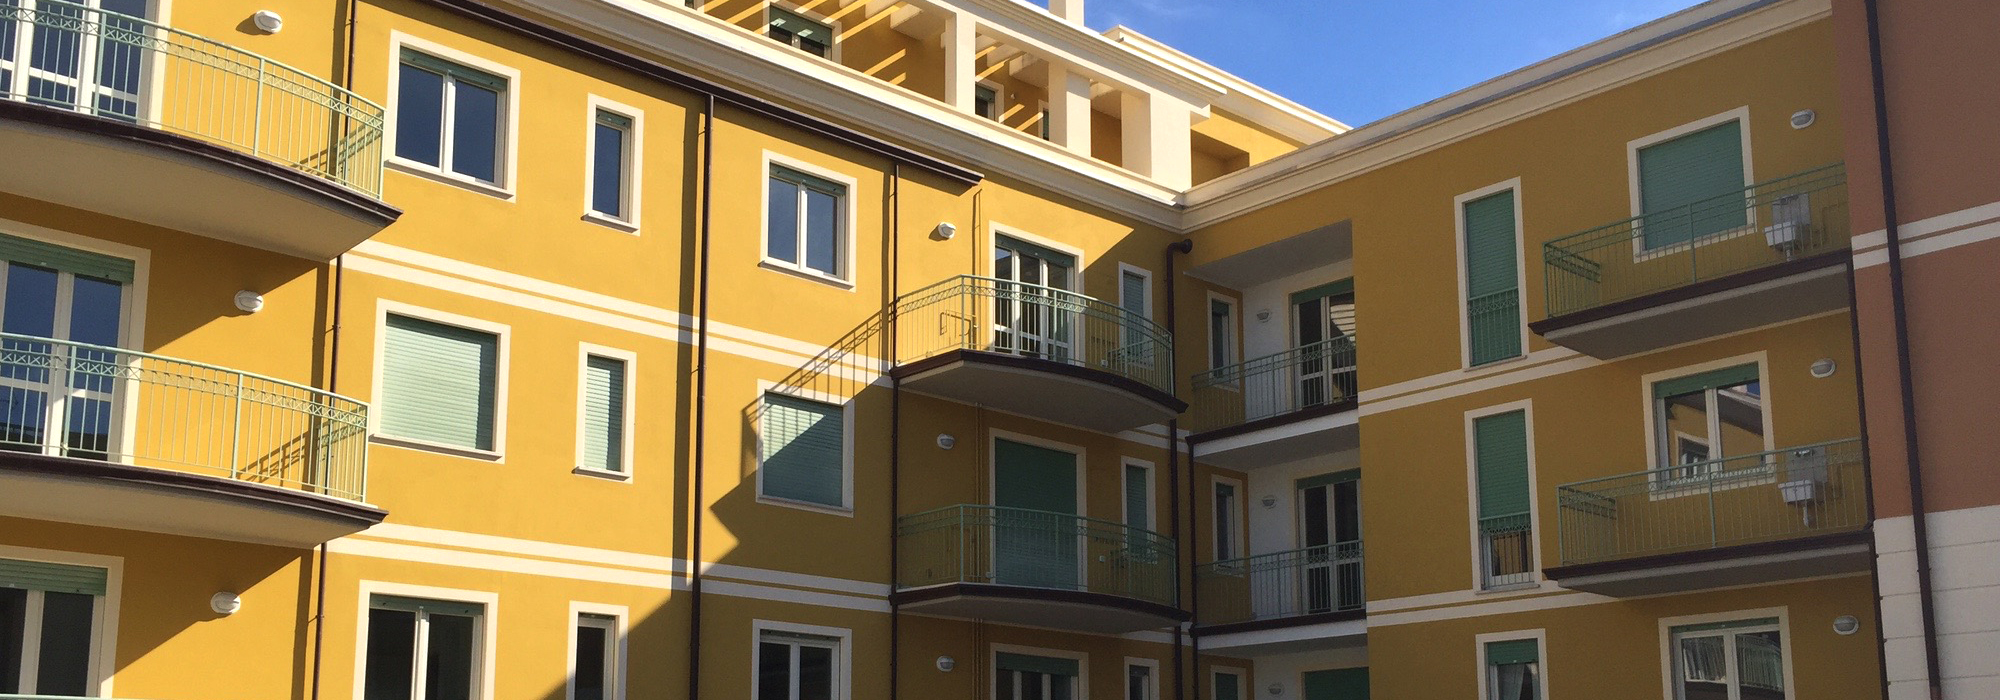 Complesso Immobiliare Meissa